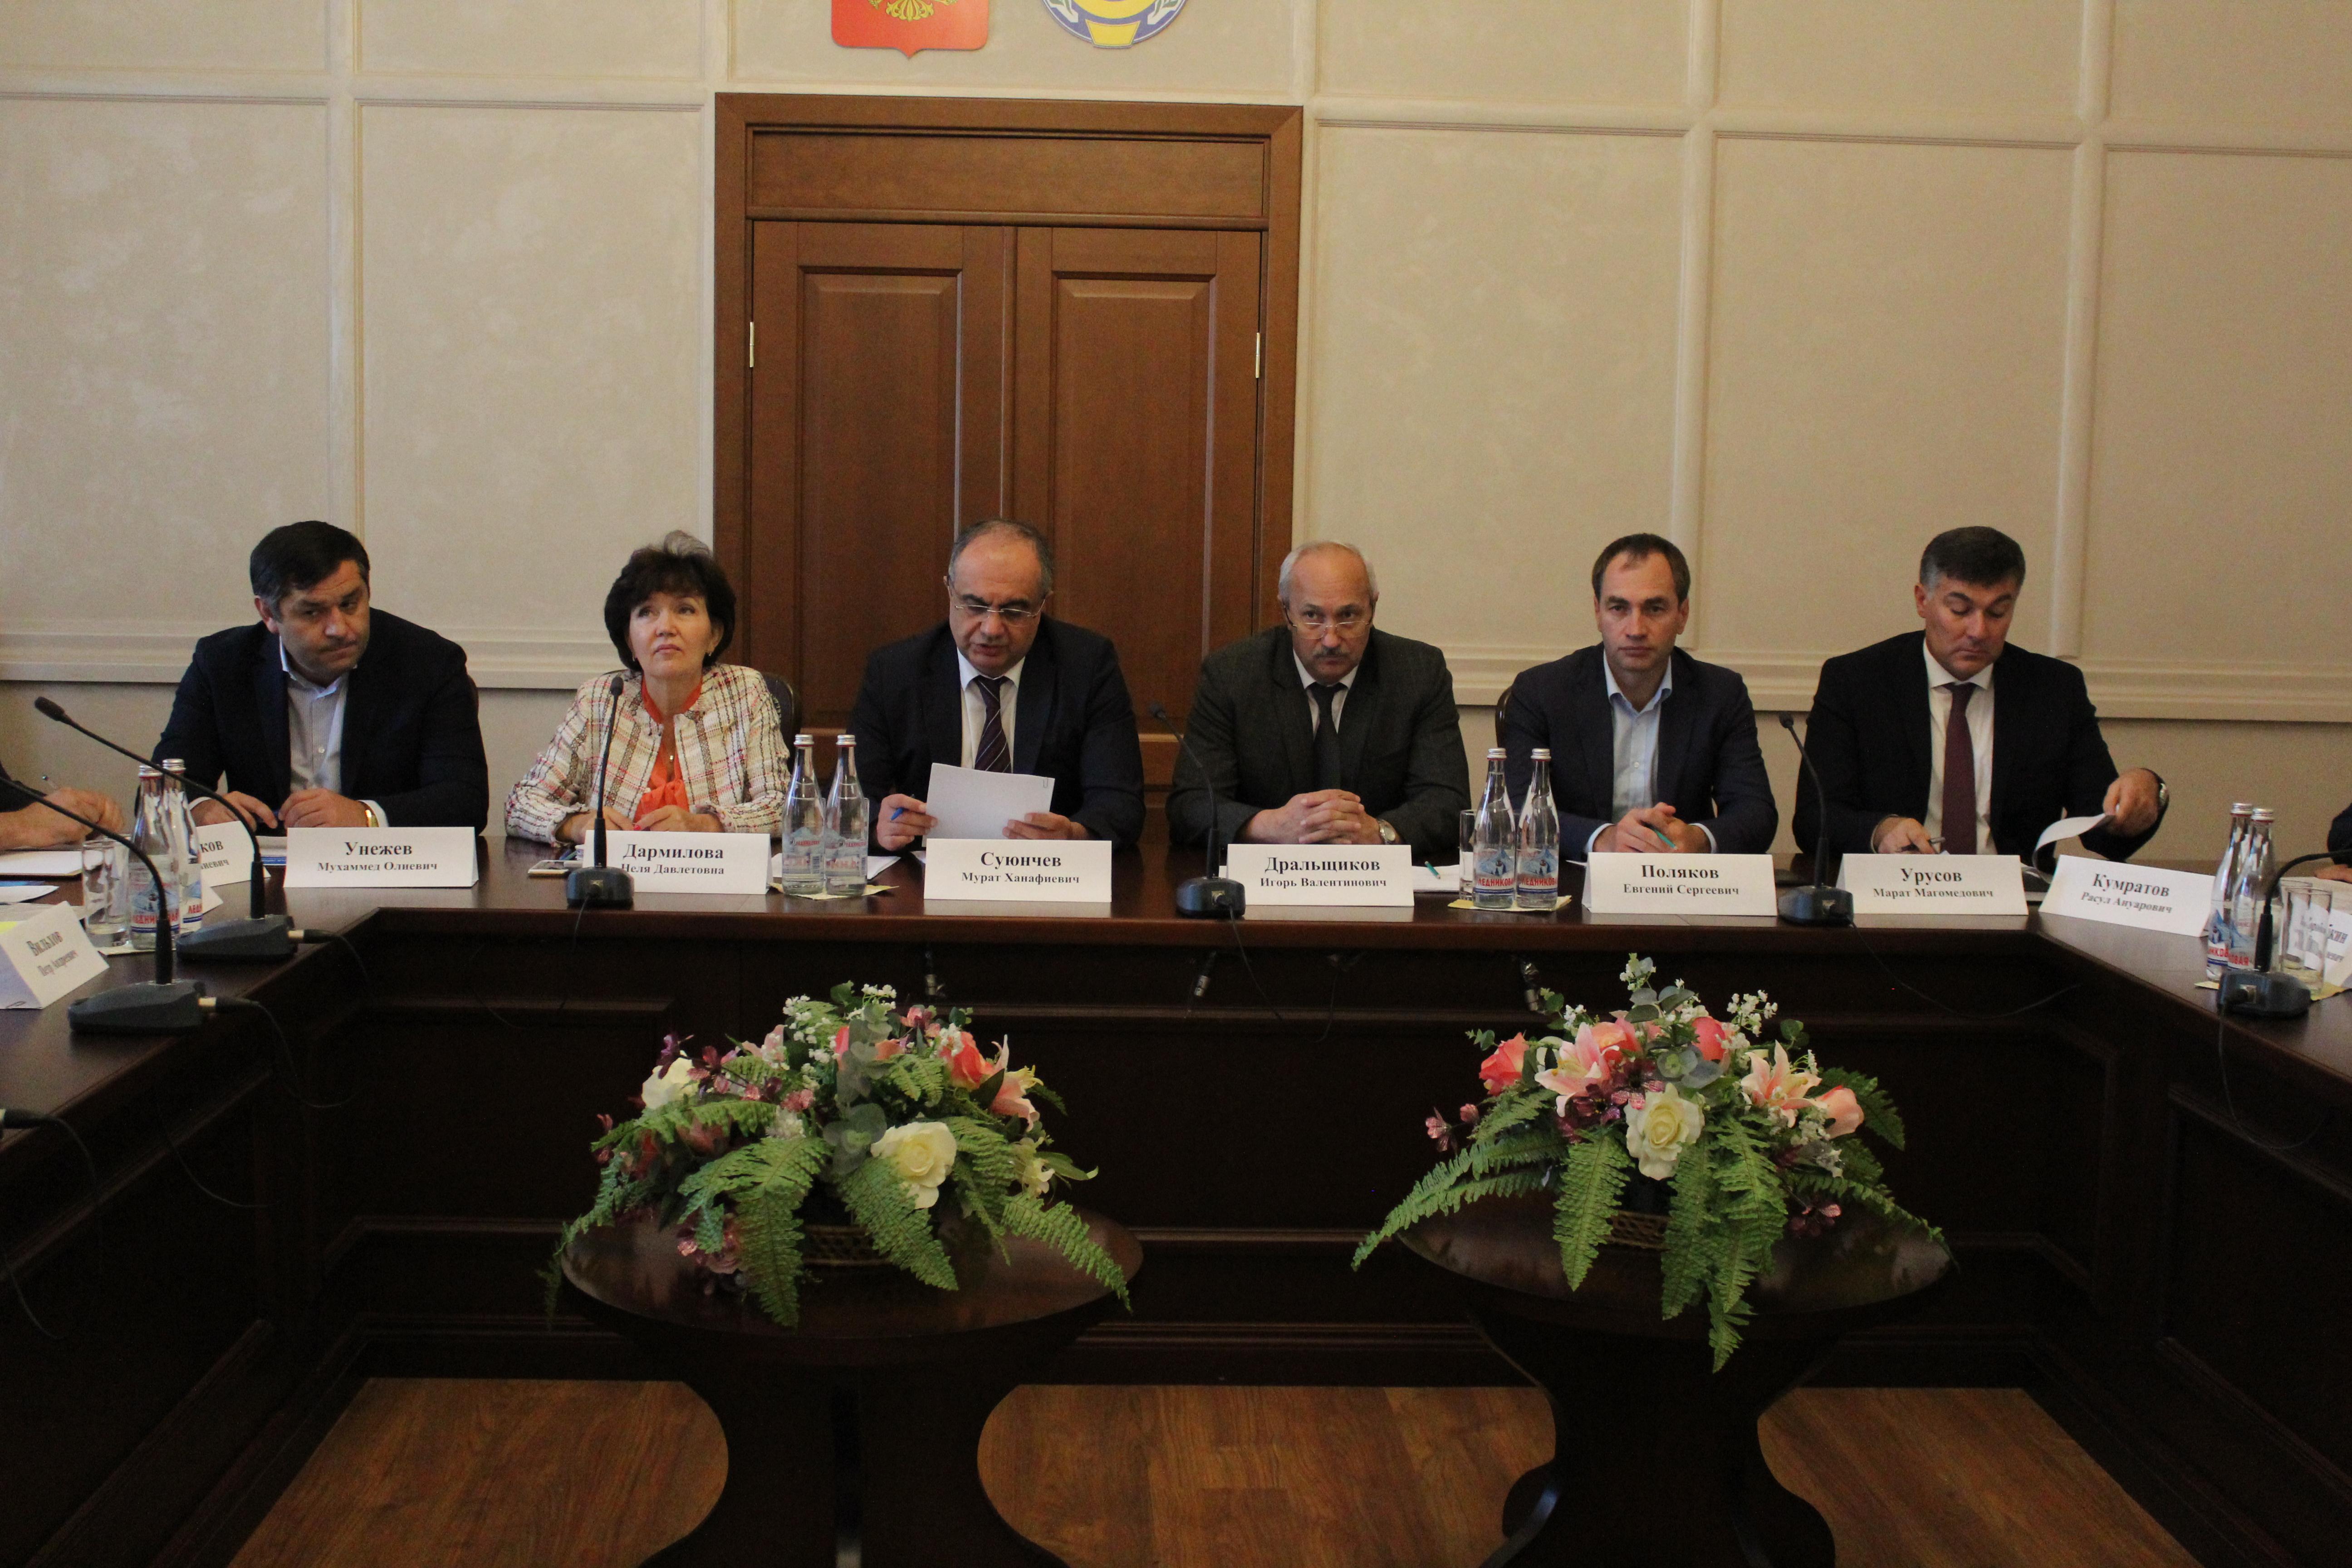 Заседание межведомственной Комиссии по мобилизации доходов в бюджет КЧР при Правительстве Карачаево-Черкесской Республики